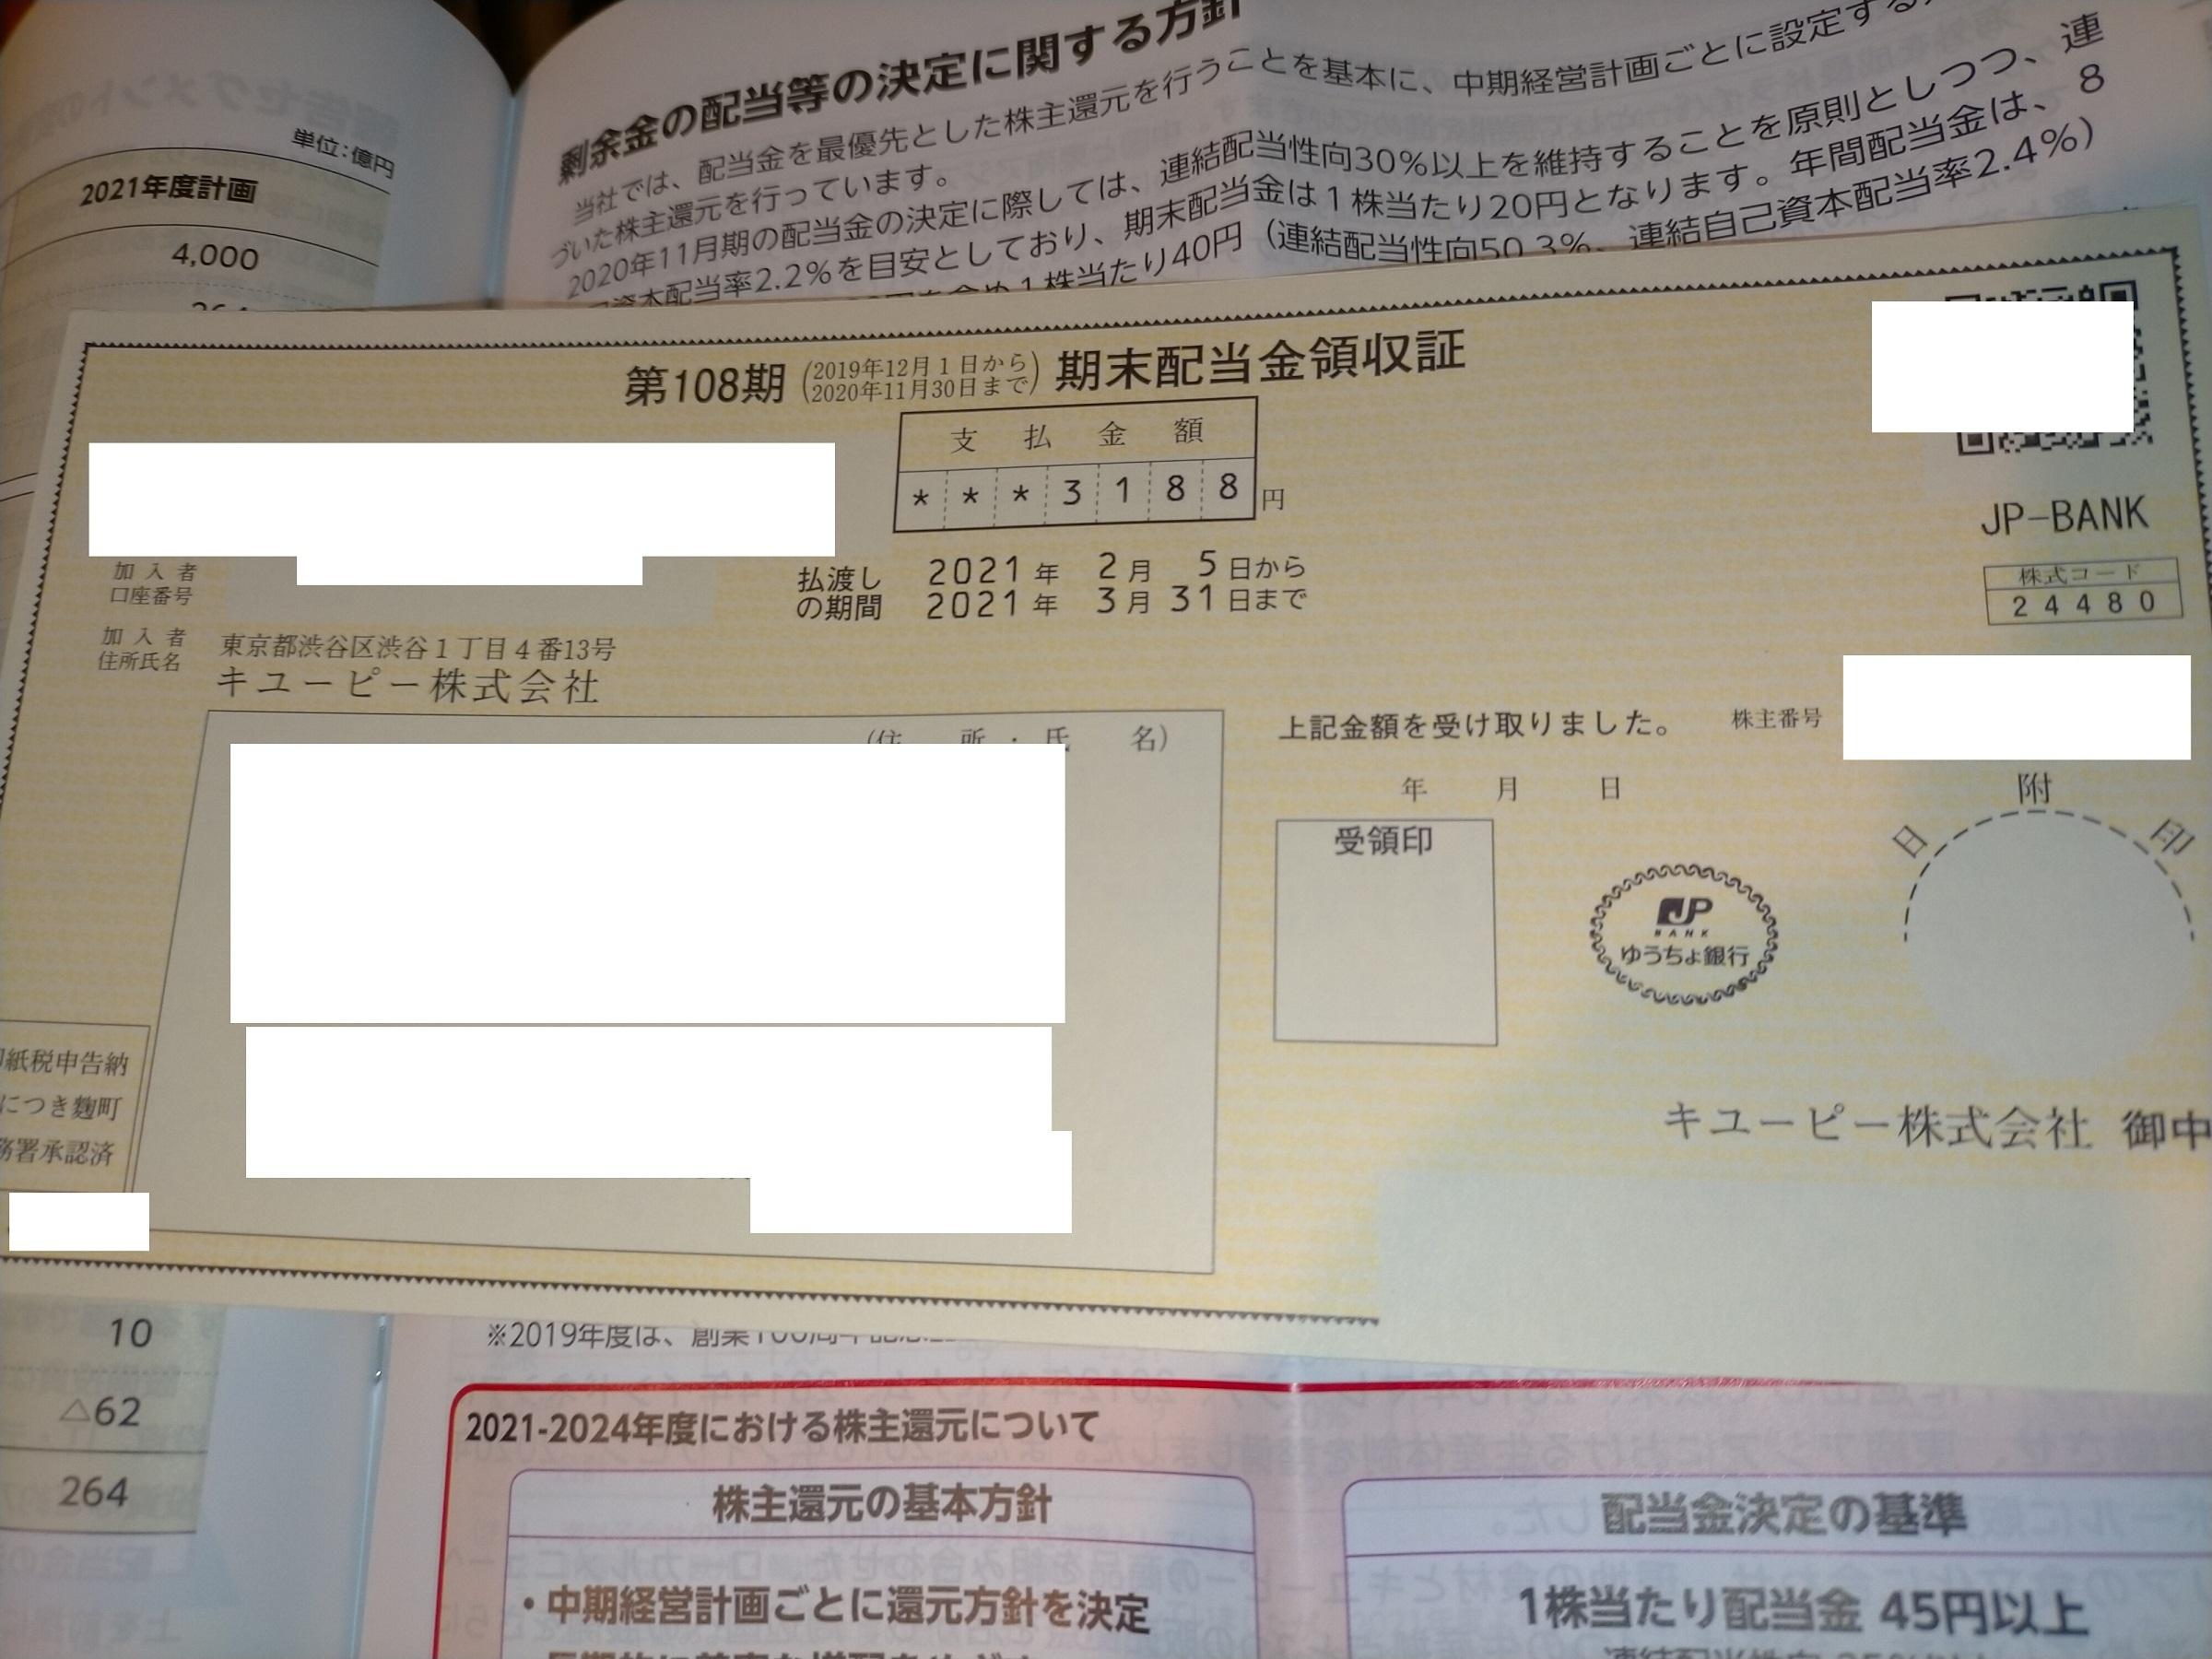 kabu_haito_2021_kewpie_02_.jpg